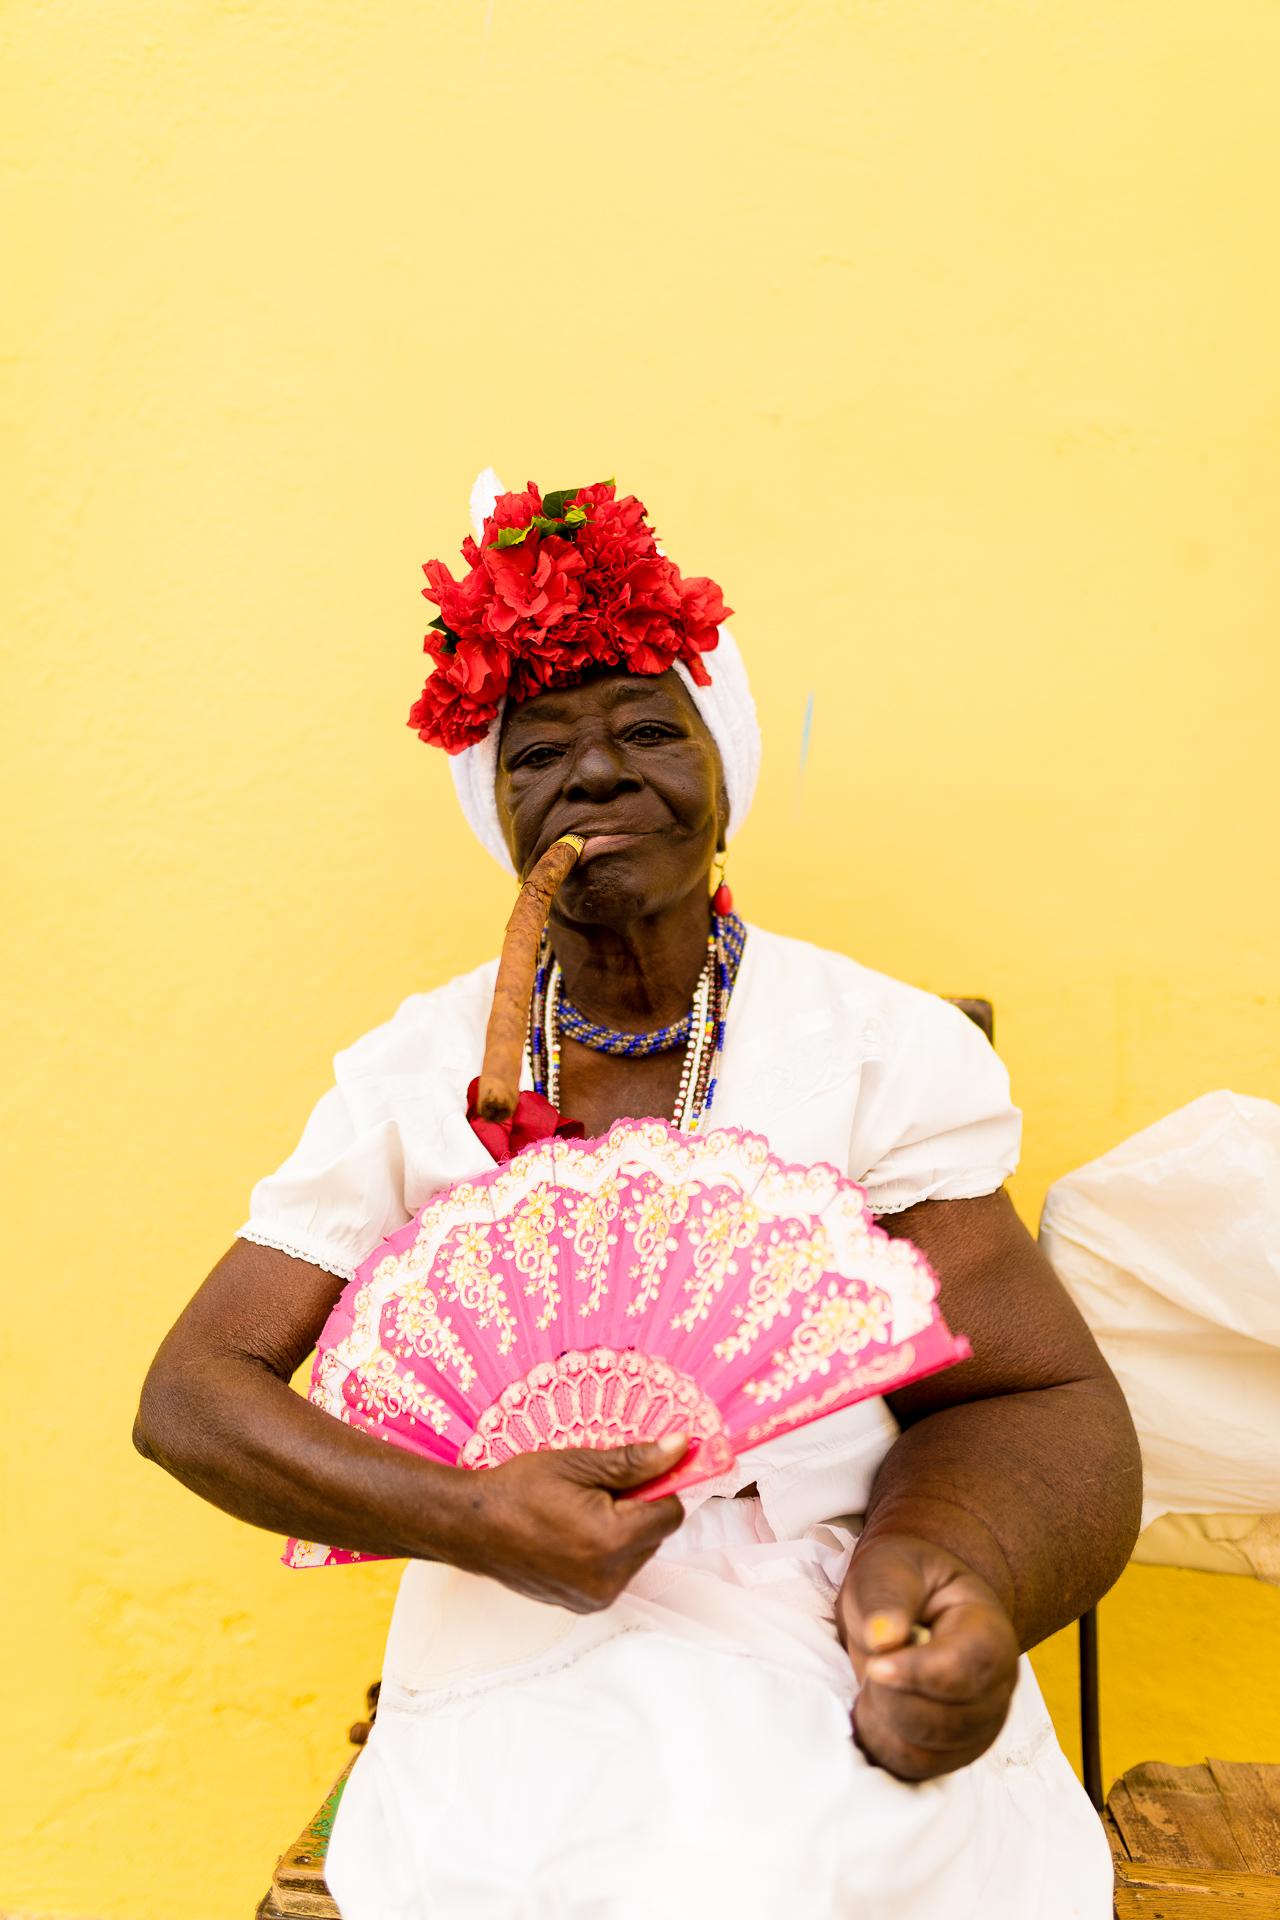 Bild: Kubanerin mit Zigarre Habana Vieja Havanna Kuba